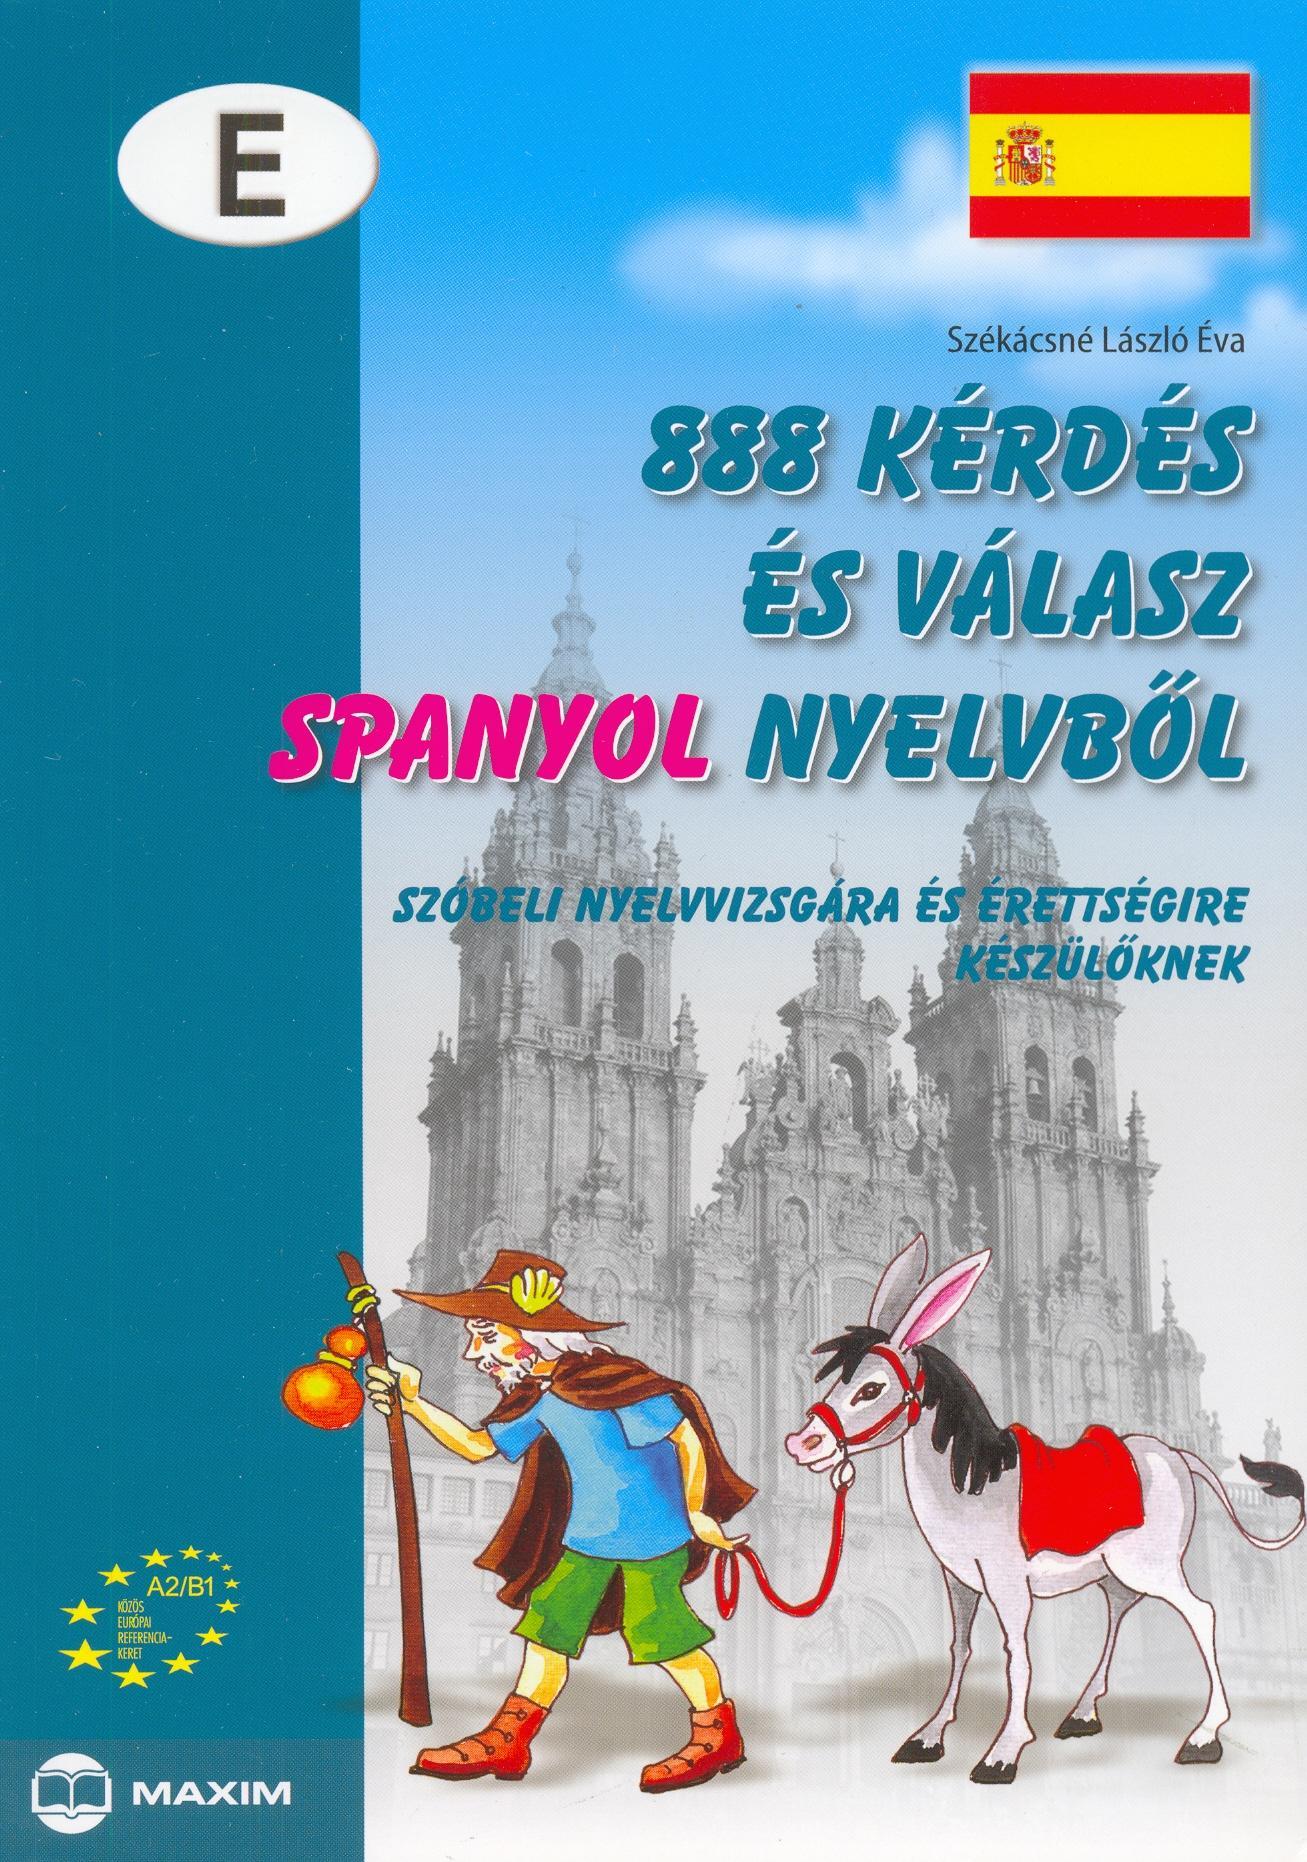 888 kérdés és válasz spanyol nyelvből szóbeli nyelvvizsgára és érettségire készülőknek (MX-438)